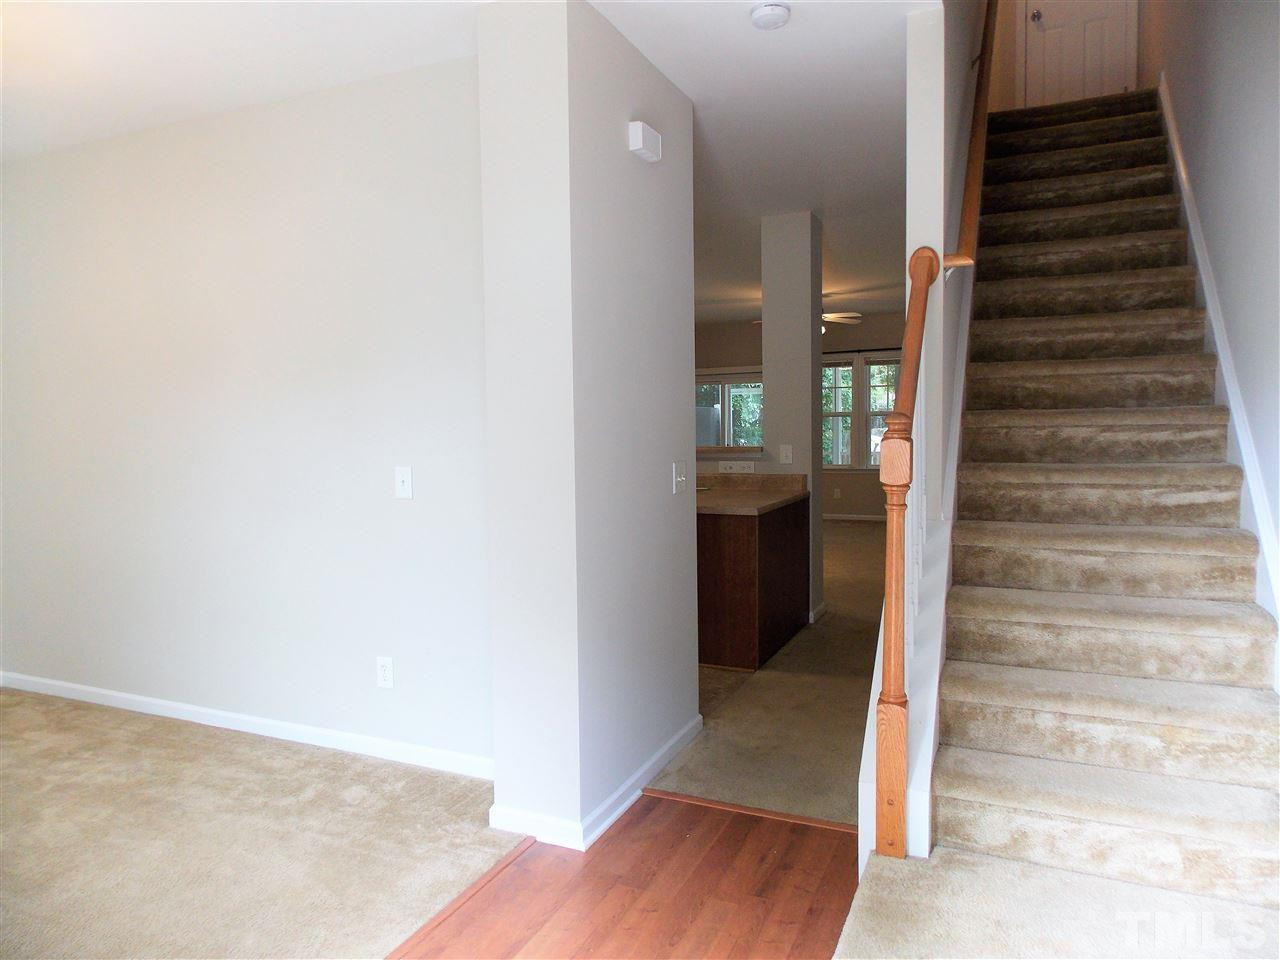 hardwood flooring wake forest nc of 4488 middletown dr wake forest nc 27587 realestate com within isqlxxxlyyalto0000000000